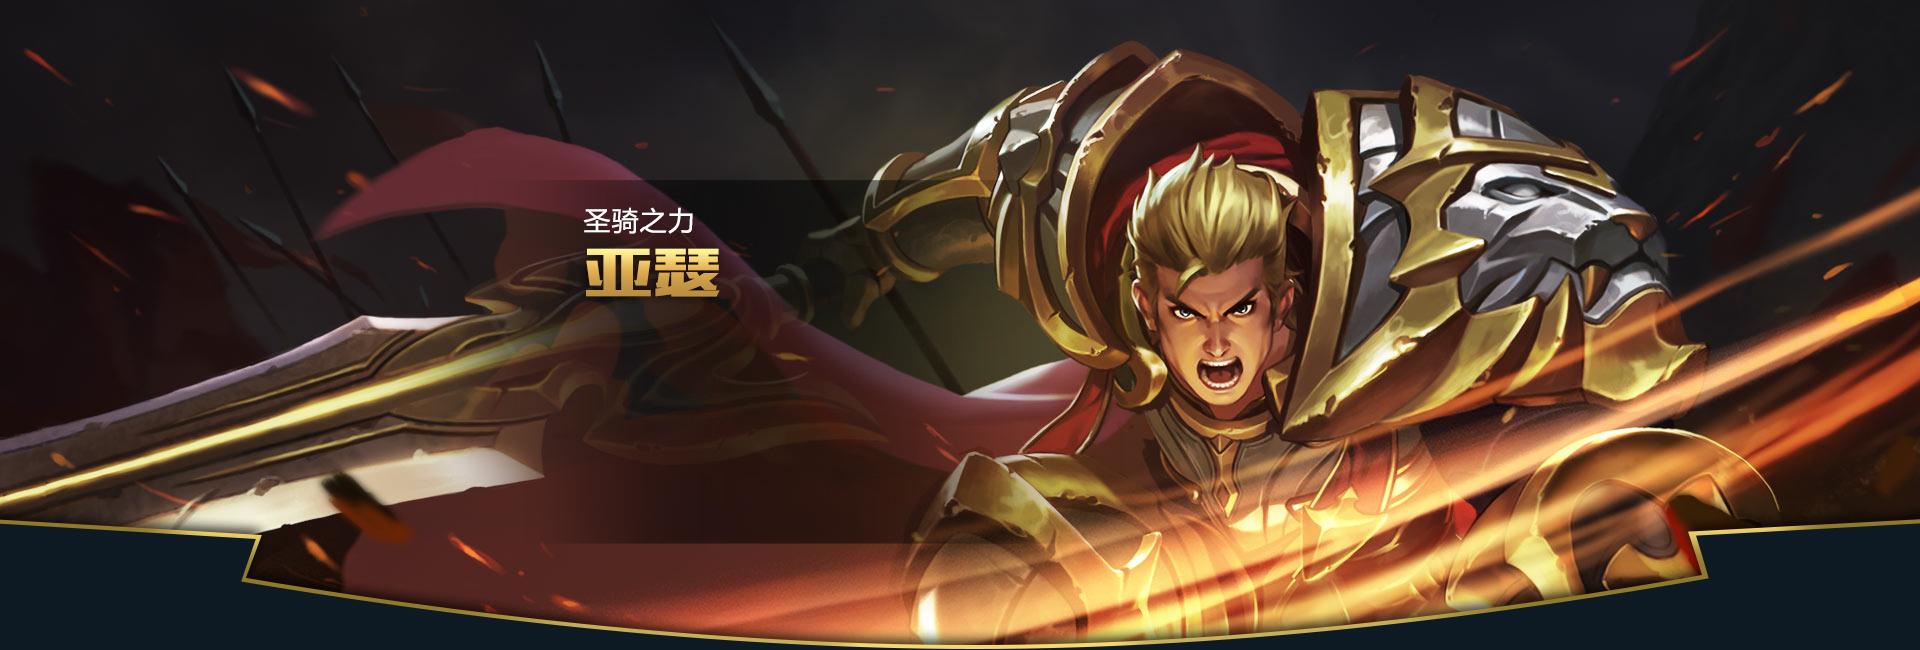 第2弹《王者荣耀英雄皮肤CG》竞技游戏50